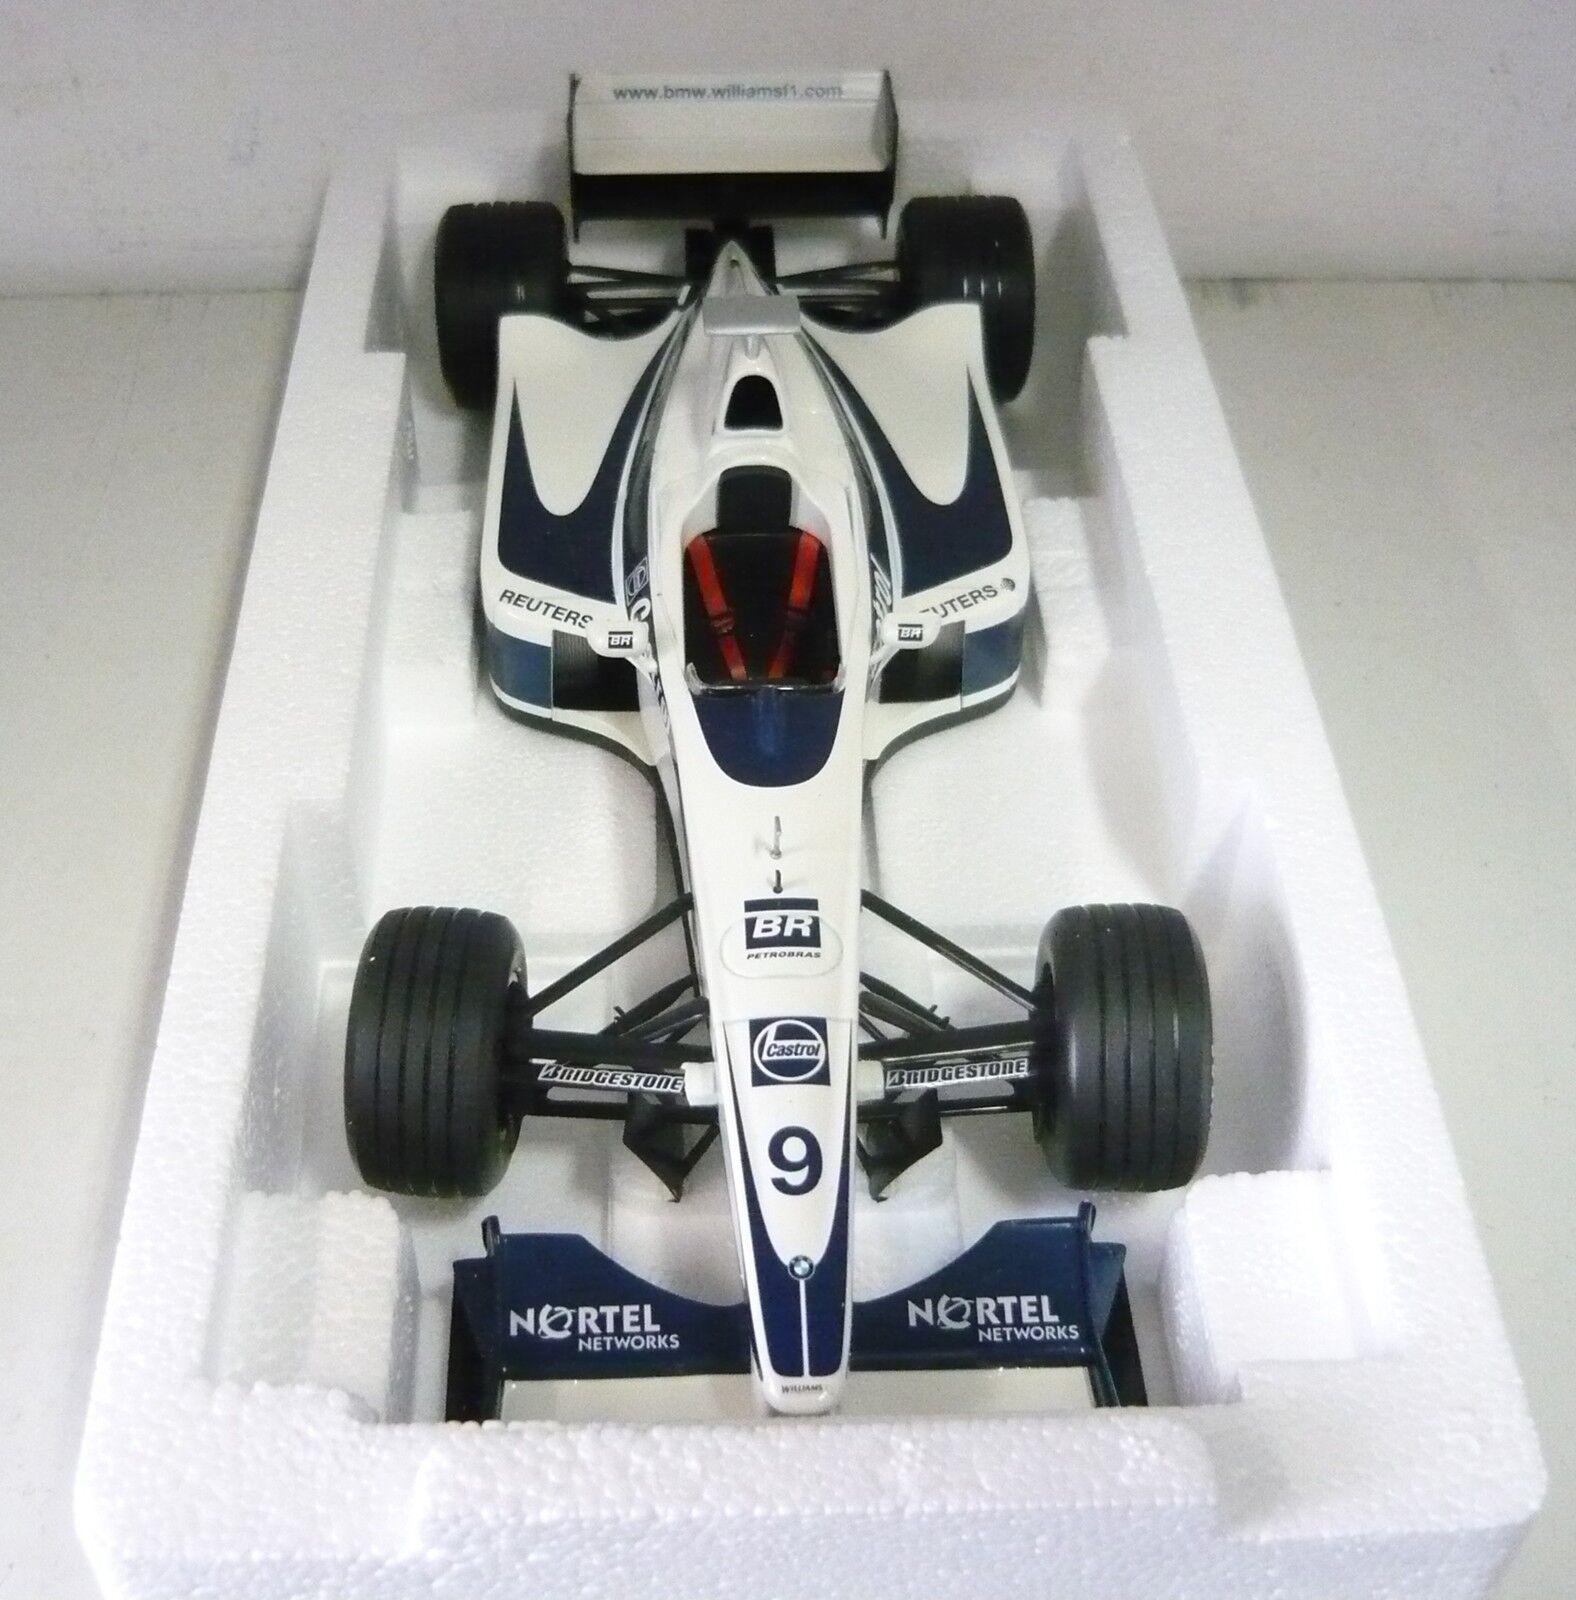 MINICHAMPS 180000099, Williams Launch Car 2000, Limit. Édition, 1 18, neu&ovp